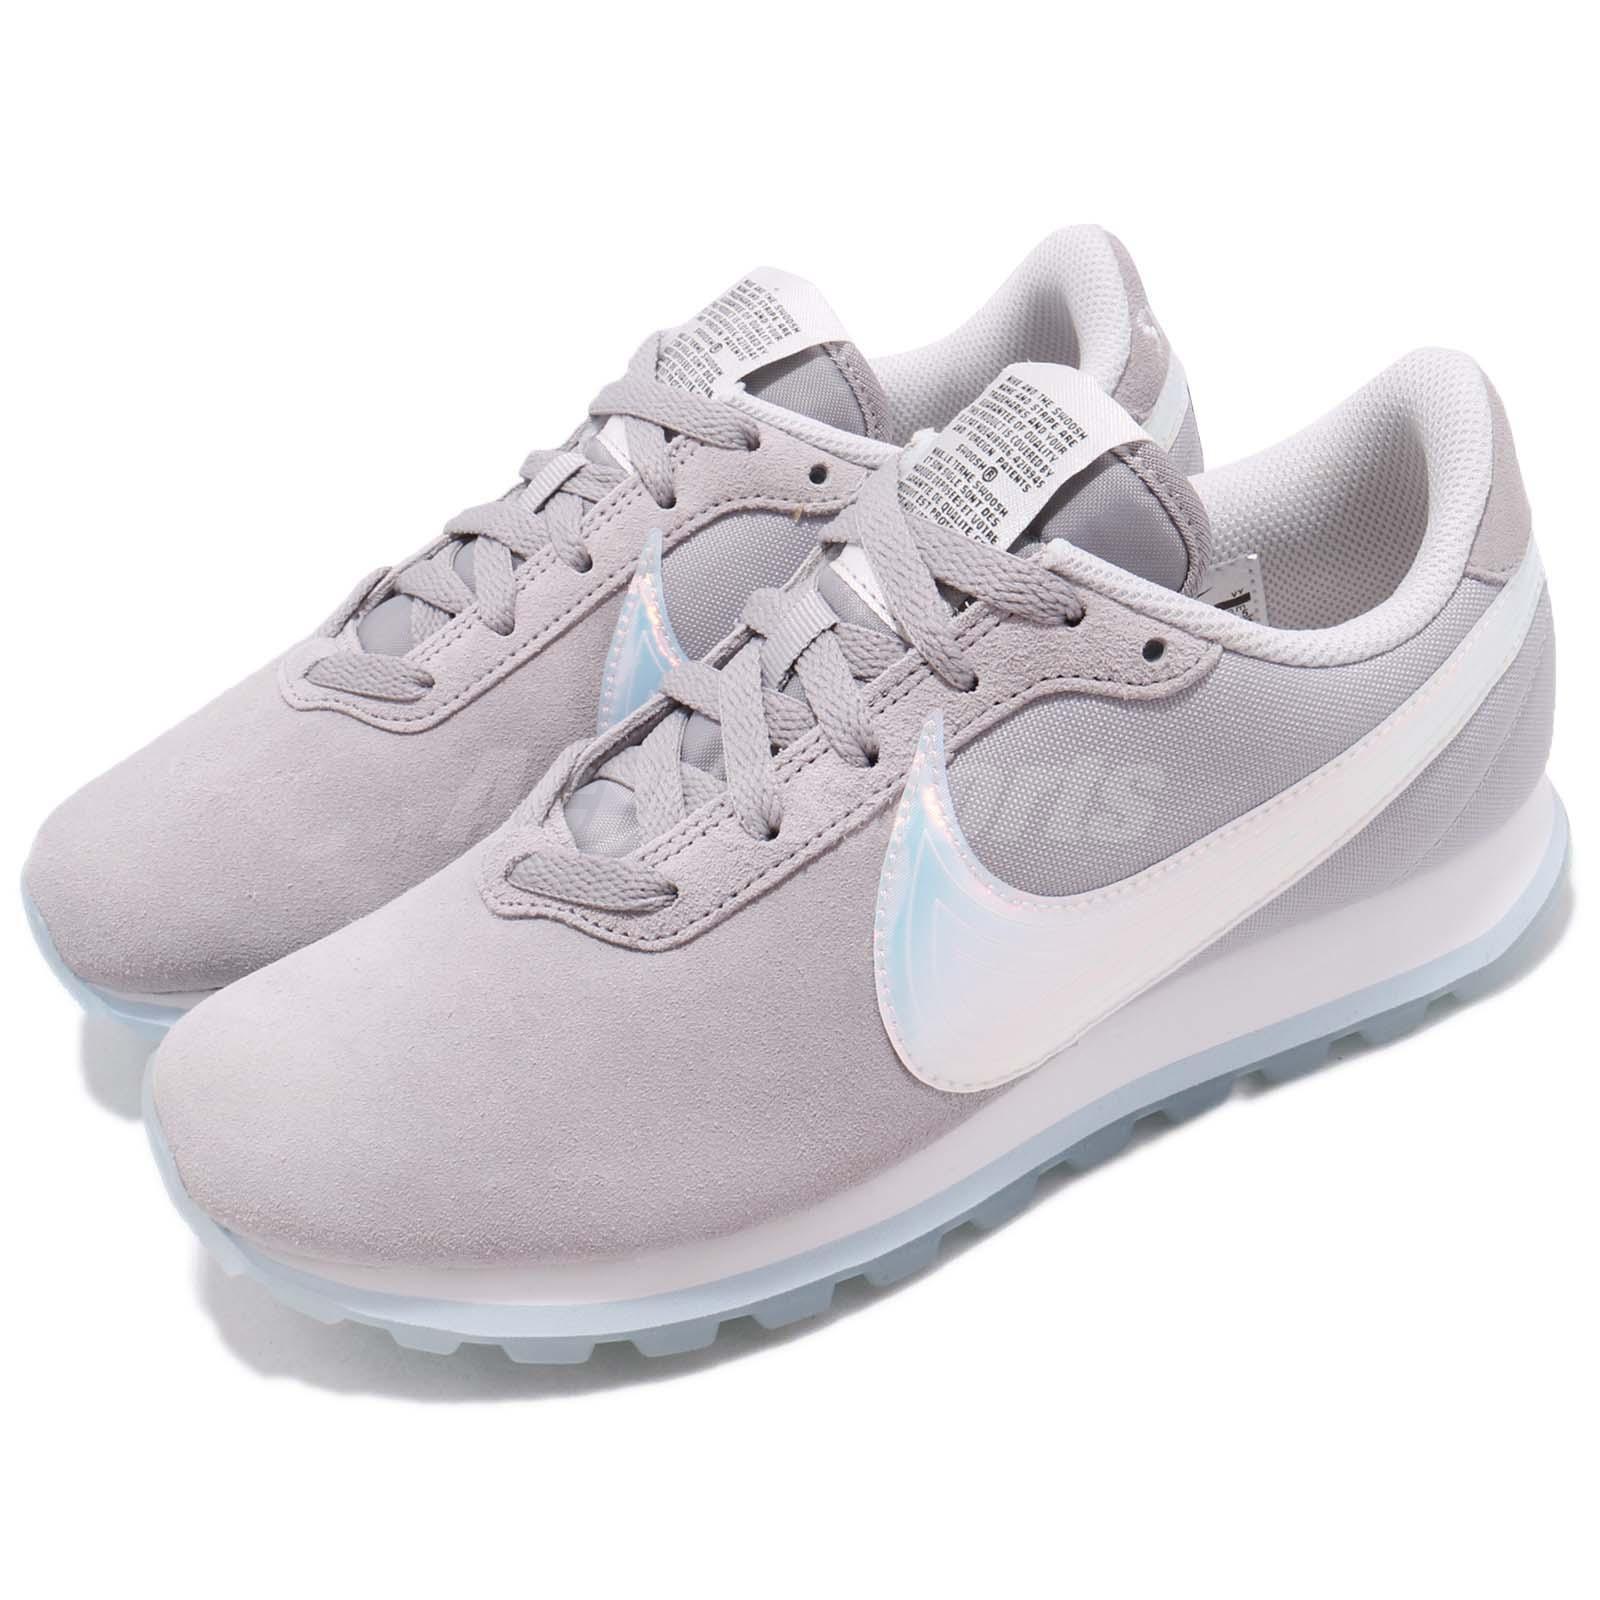 Nike Wmns Pre-Love O.X. Vintage Style fonctionnement chaussures chaussures fonctionnement Femme Baskets Pick 1 104c53